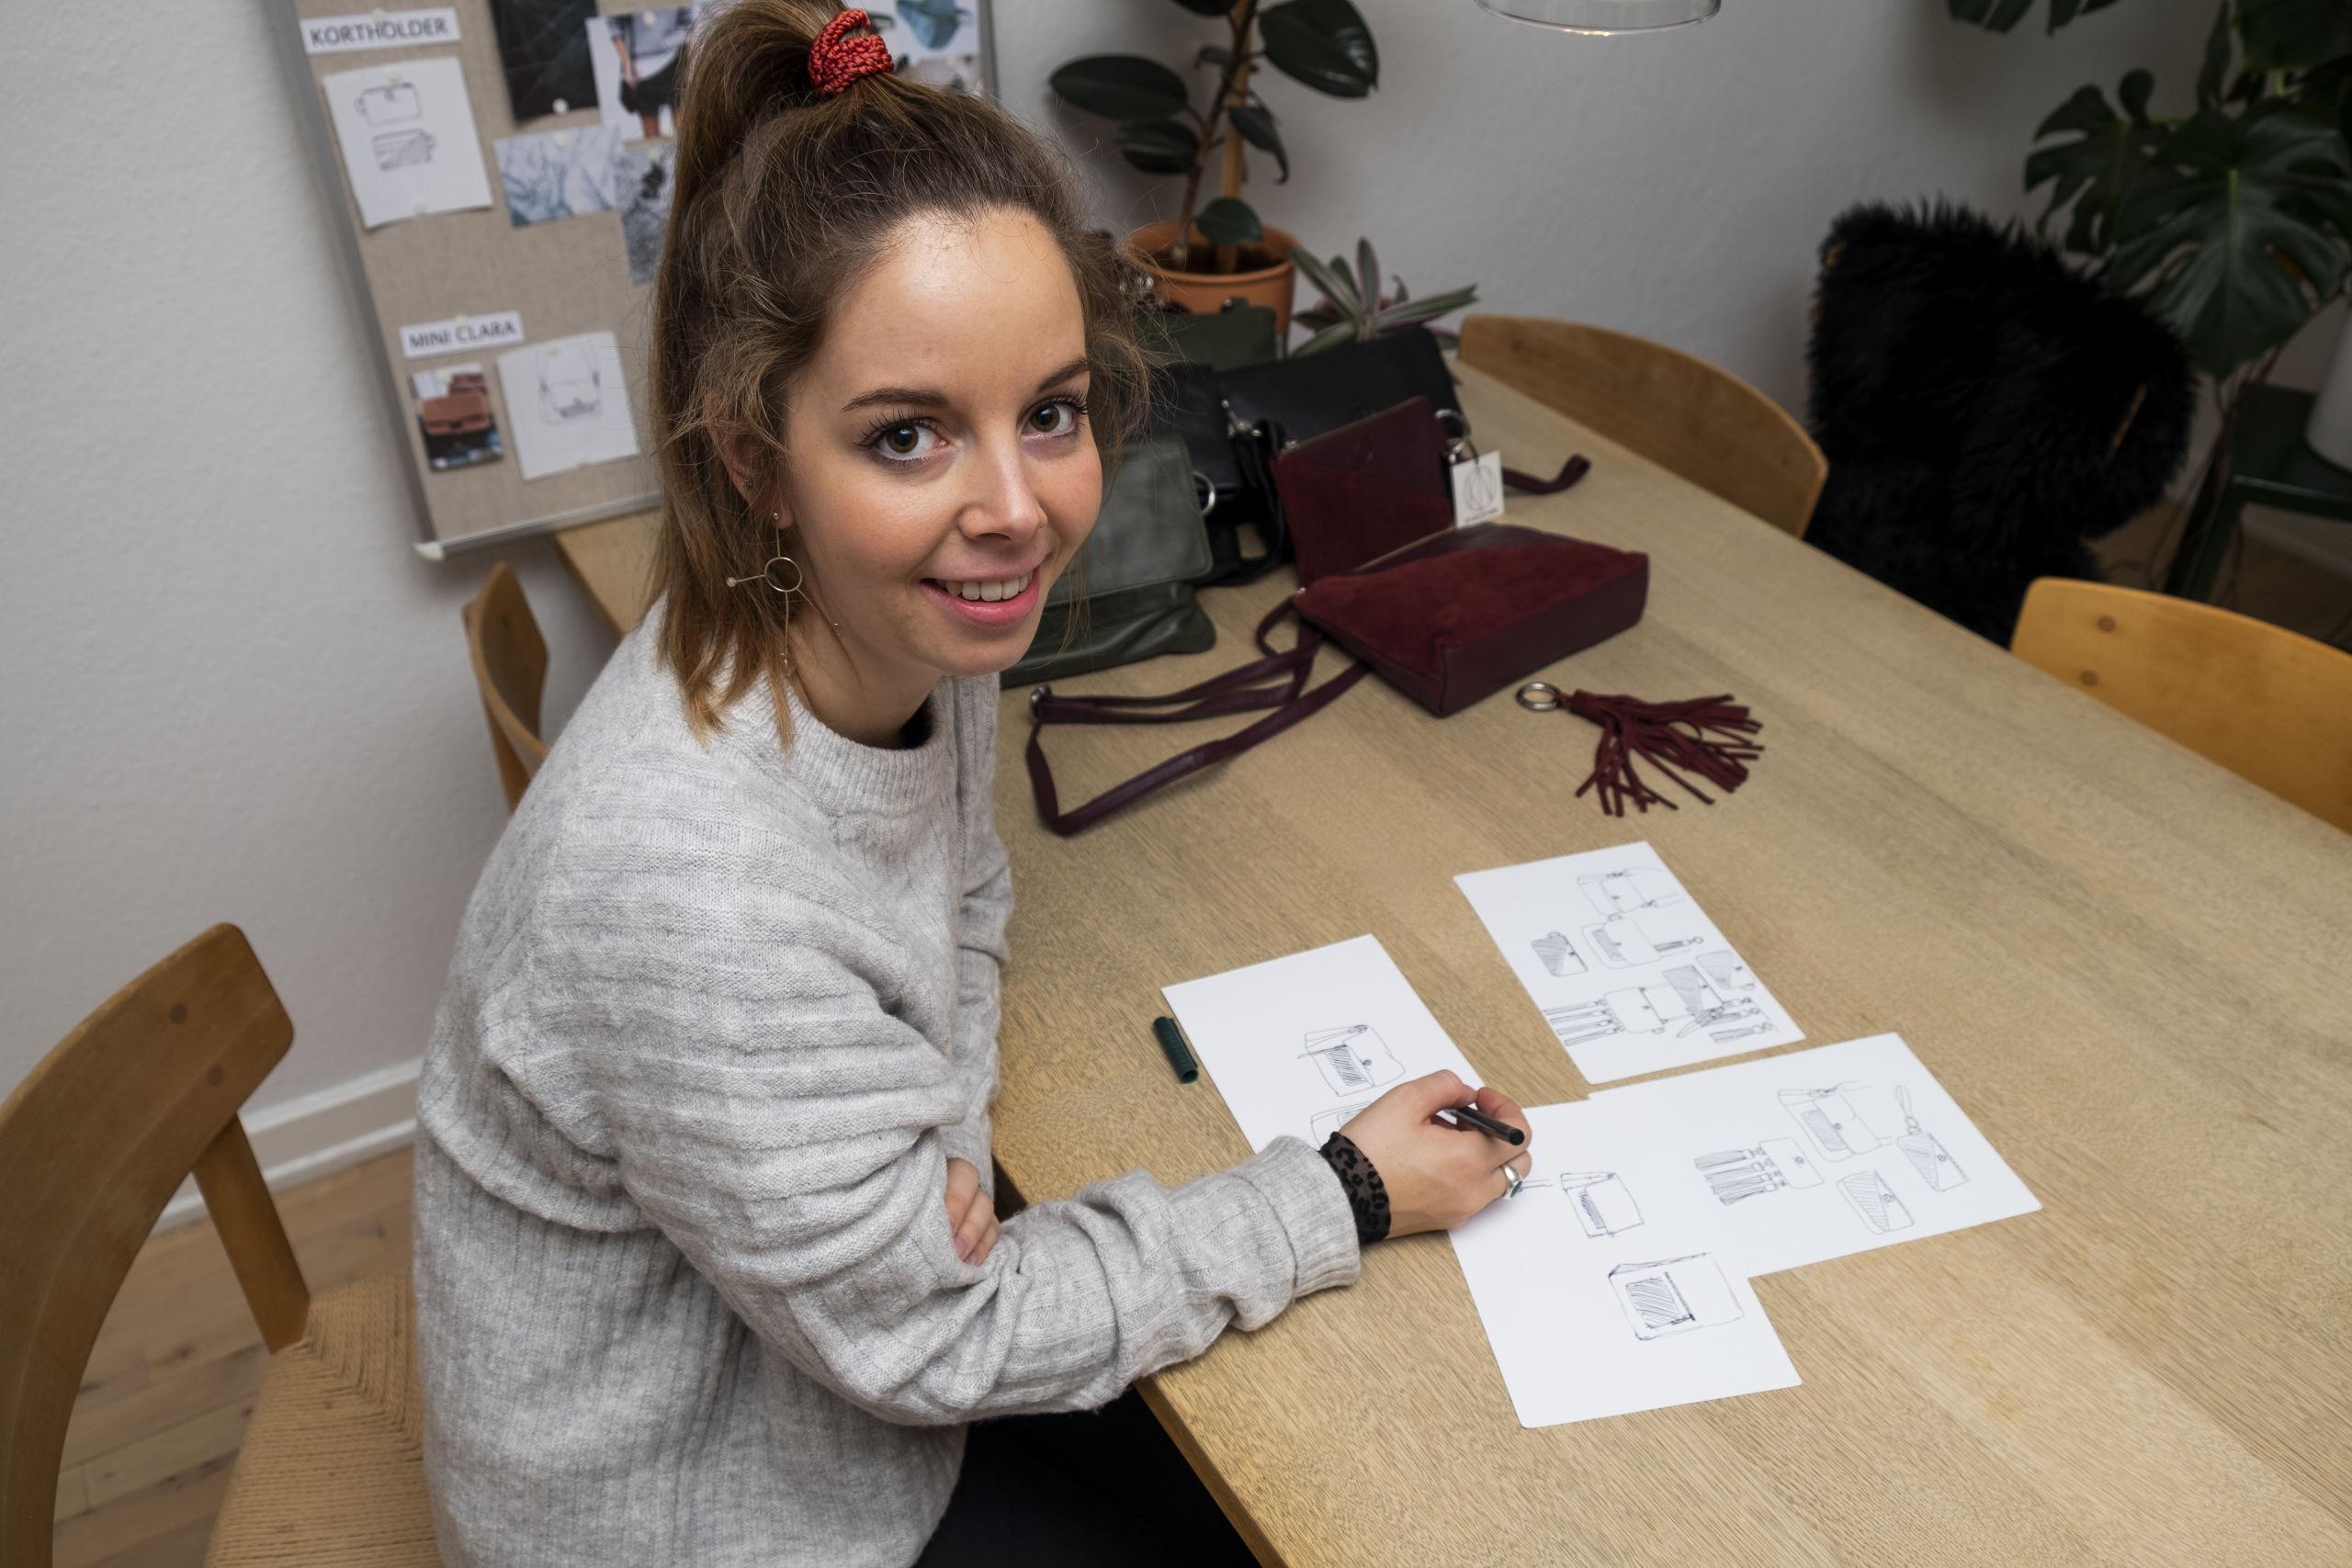 For Laura Karsen er design-processen vigtig, for hun lægger meget arbejde i, at taskerne både skal være brugbare og flotte. Foto: Lasse Sand